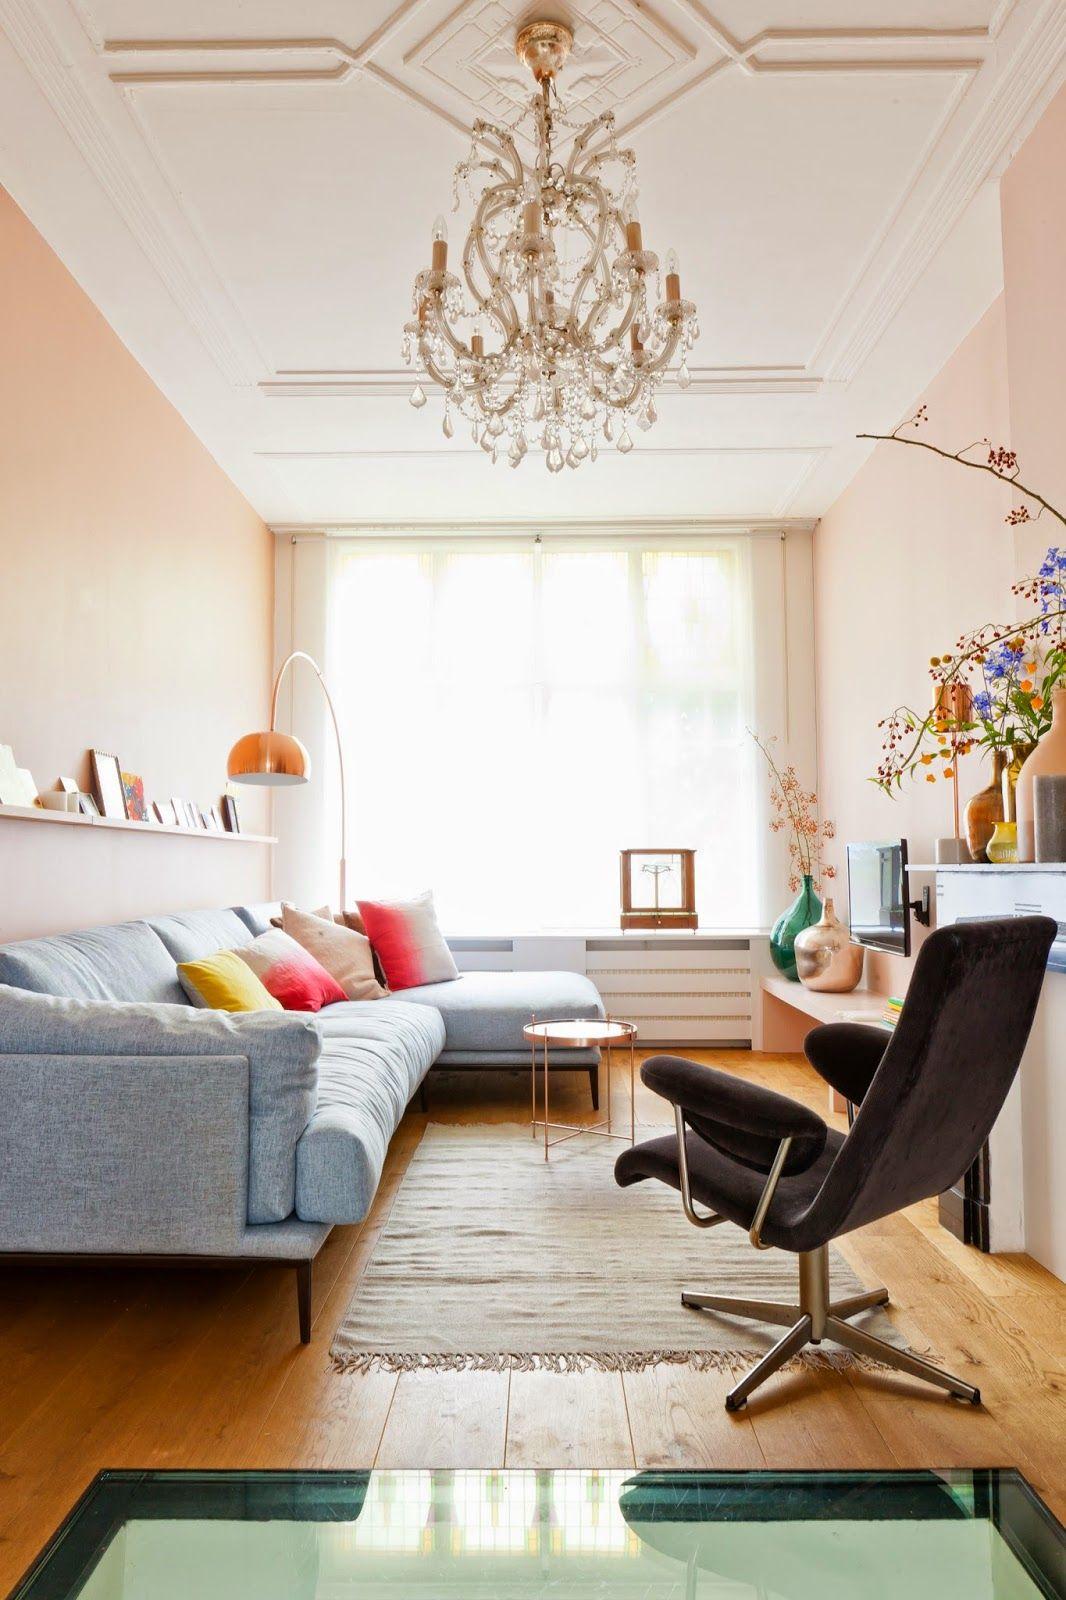 Нежный розовый цвет прекрасно подходит для малогабаритных квартир